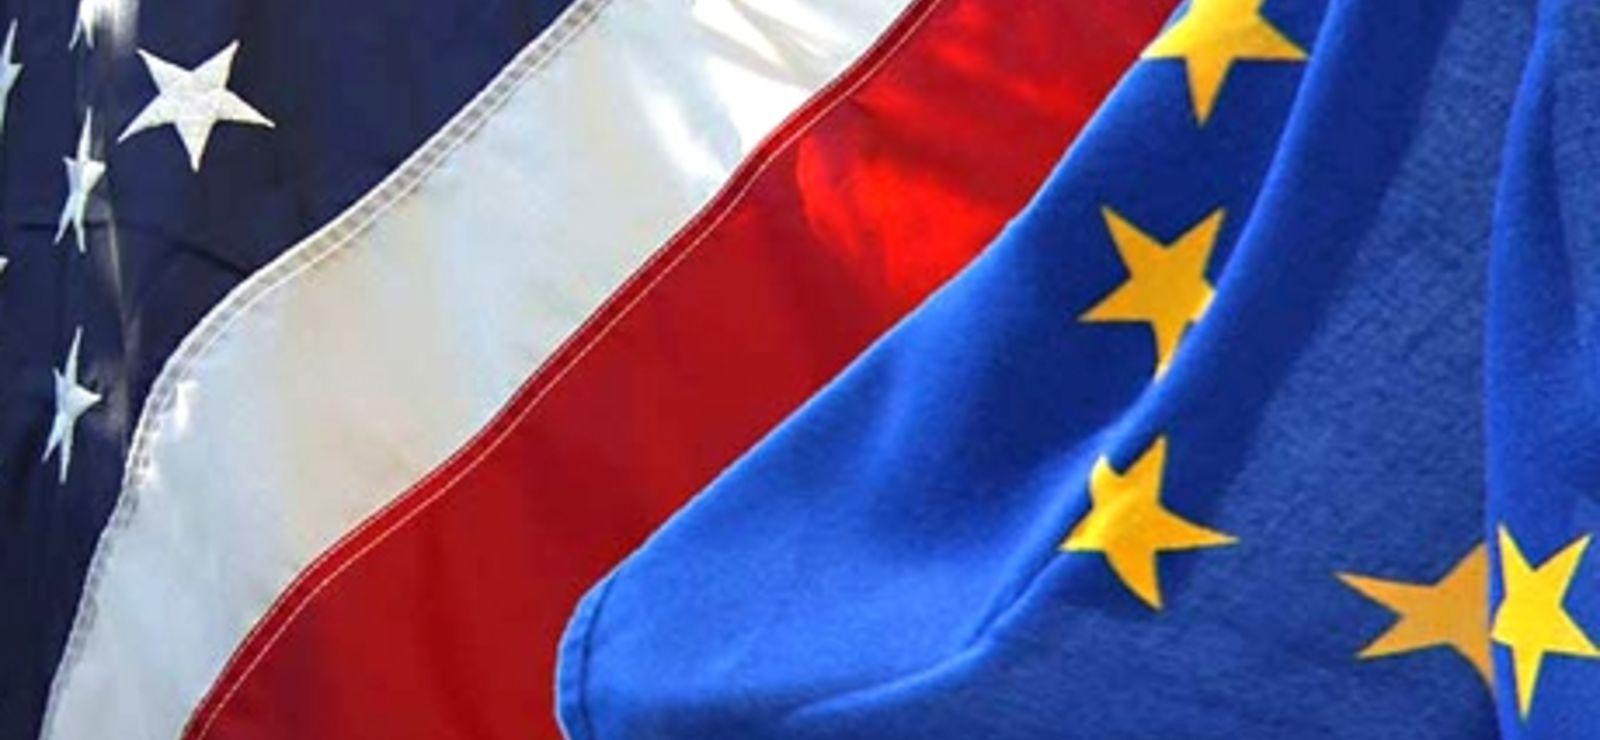 Marché transatlantique UE-Etats-Unis : le mandat explosif de la Commission européenne